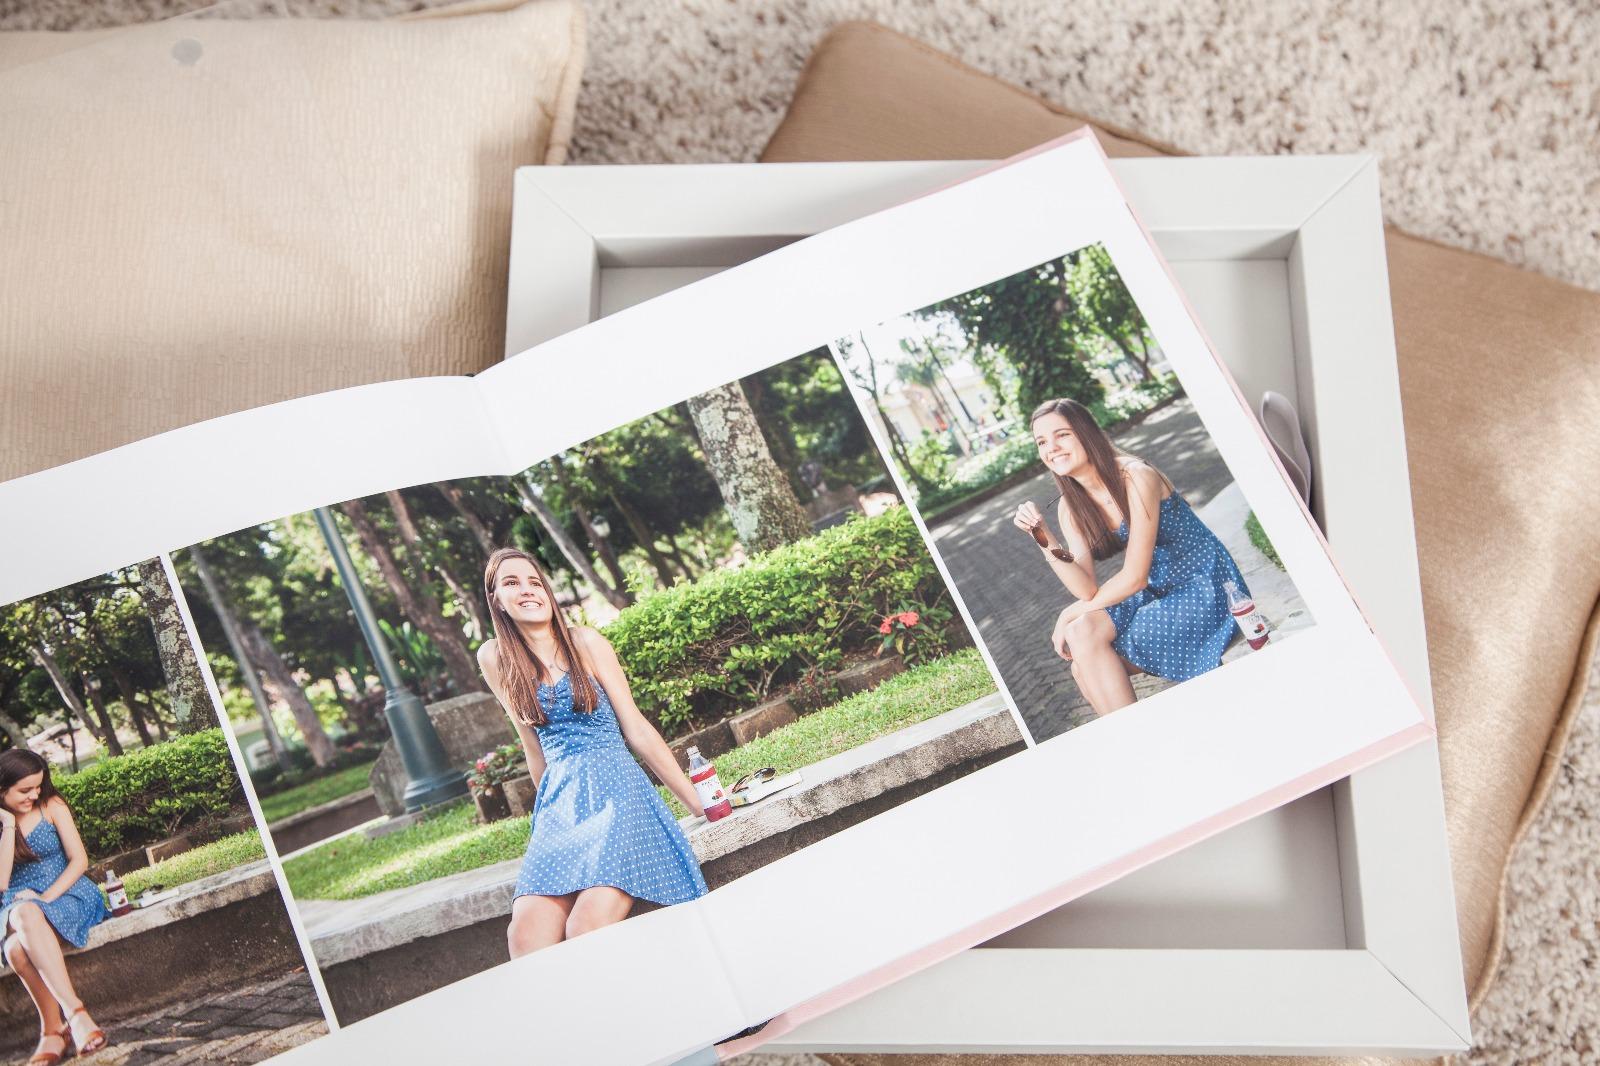 photo album with girl